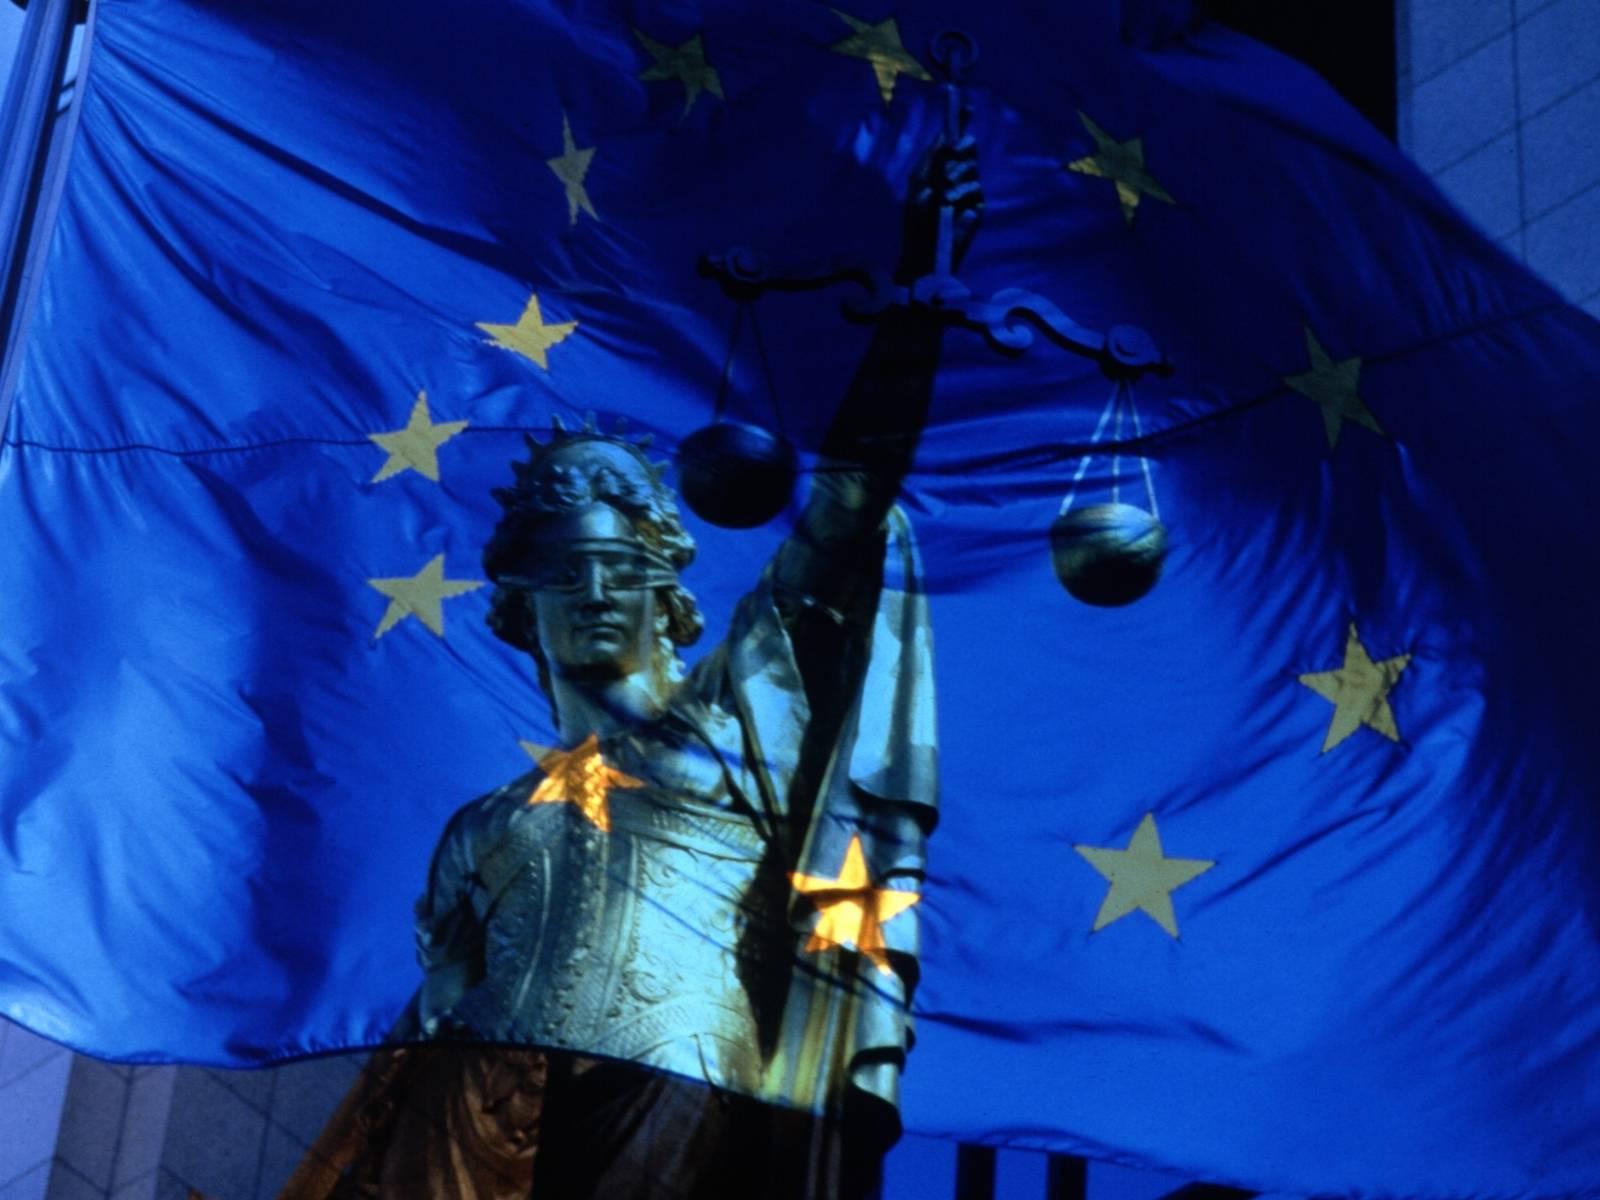 Justitia hinter einer durchsichtigen Fahne der EU